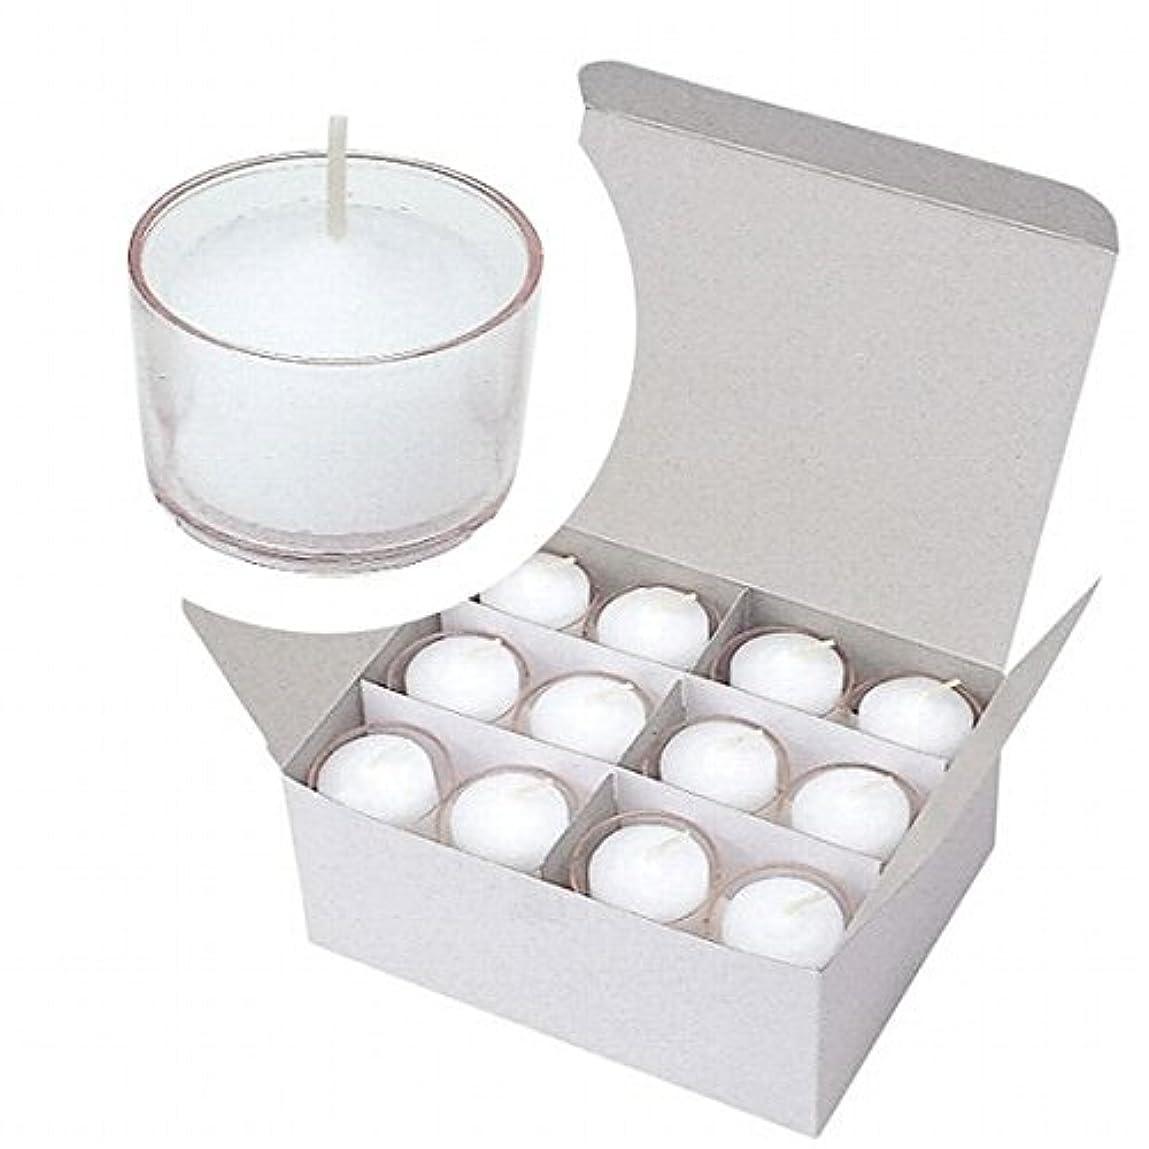 とにかく解き明かすホットカメヤマキャンドル(kameyama candle) クリアカップボーティブ4時間タイプ 24個入り 「 クリア 」